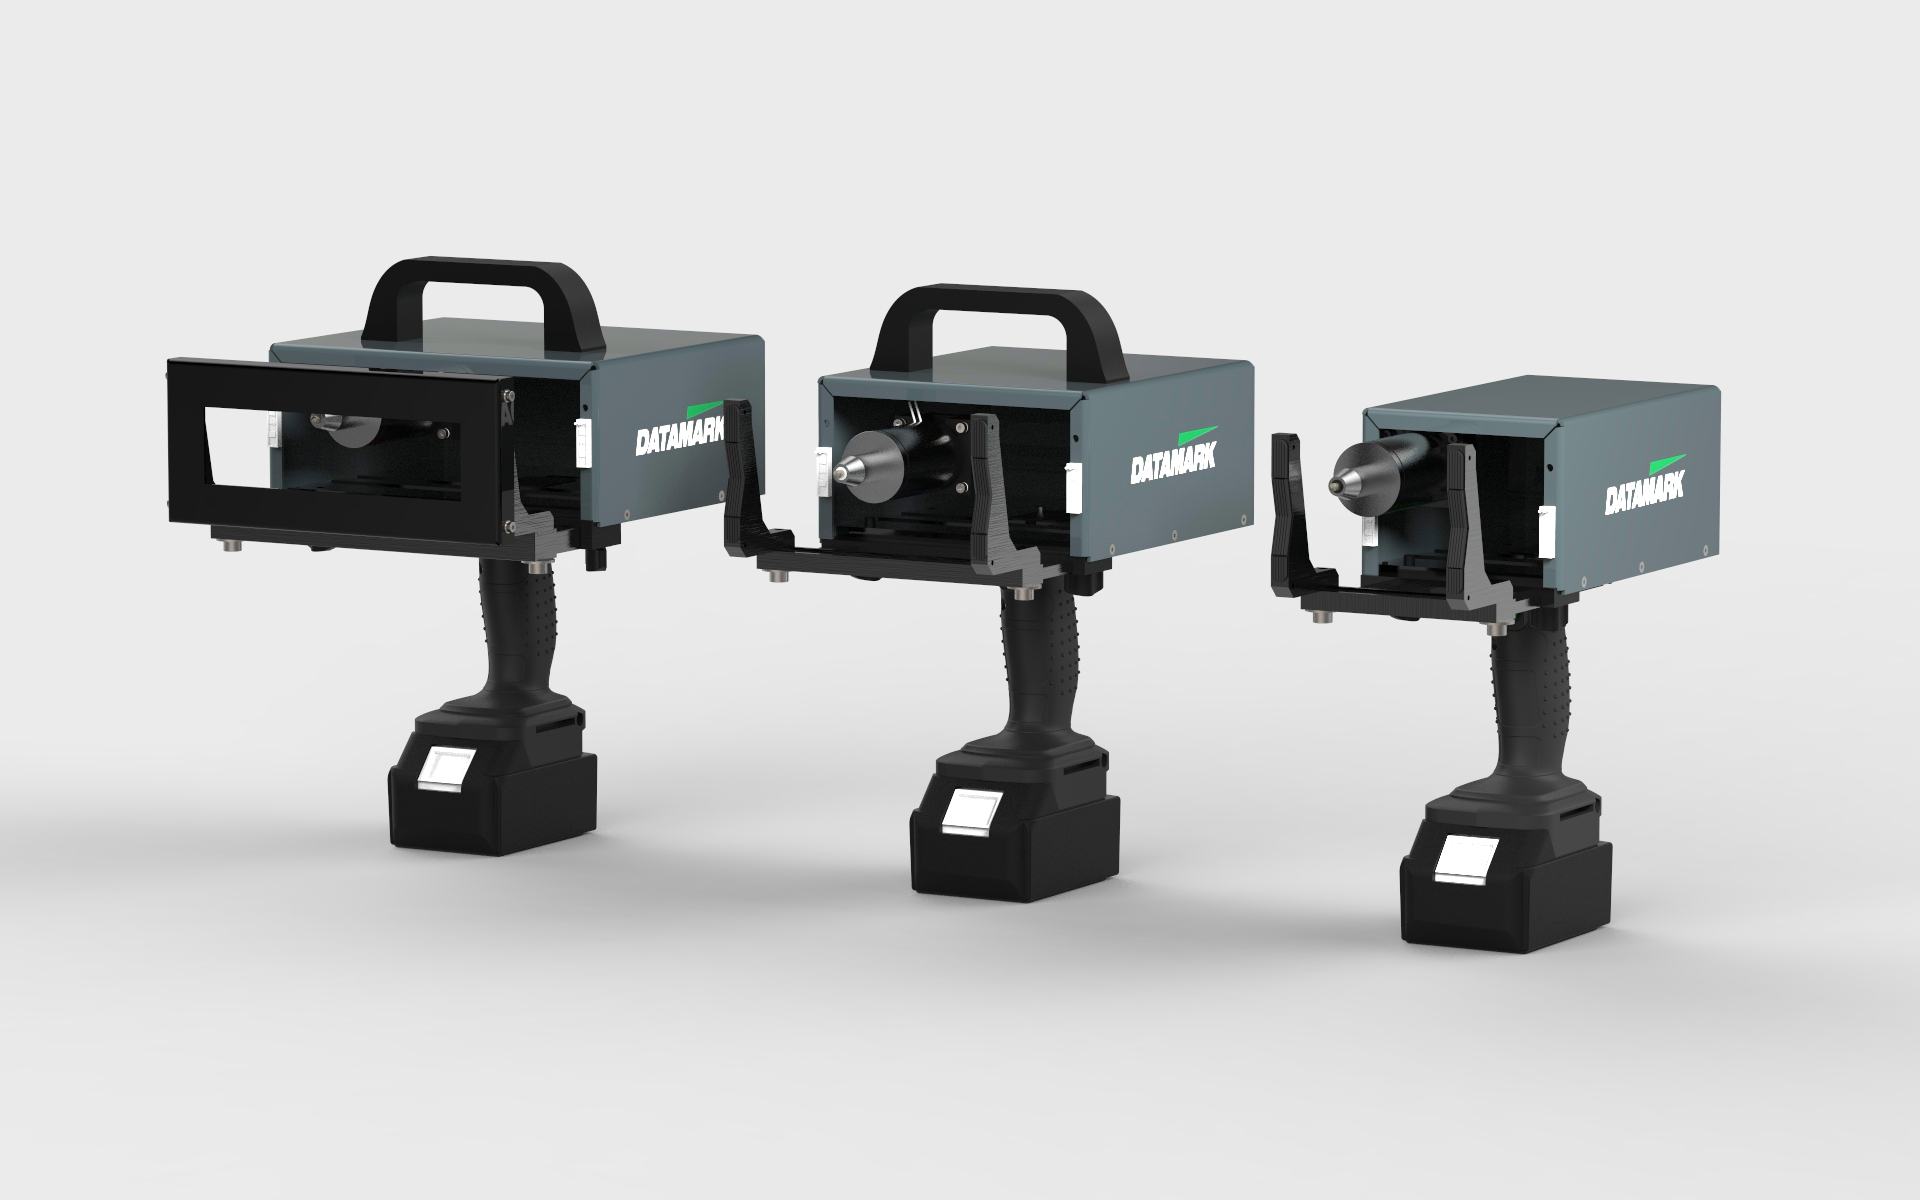 Máquinas de marcado por puntos y micropercusión portátiles Datamark